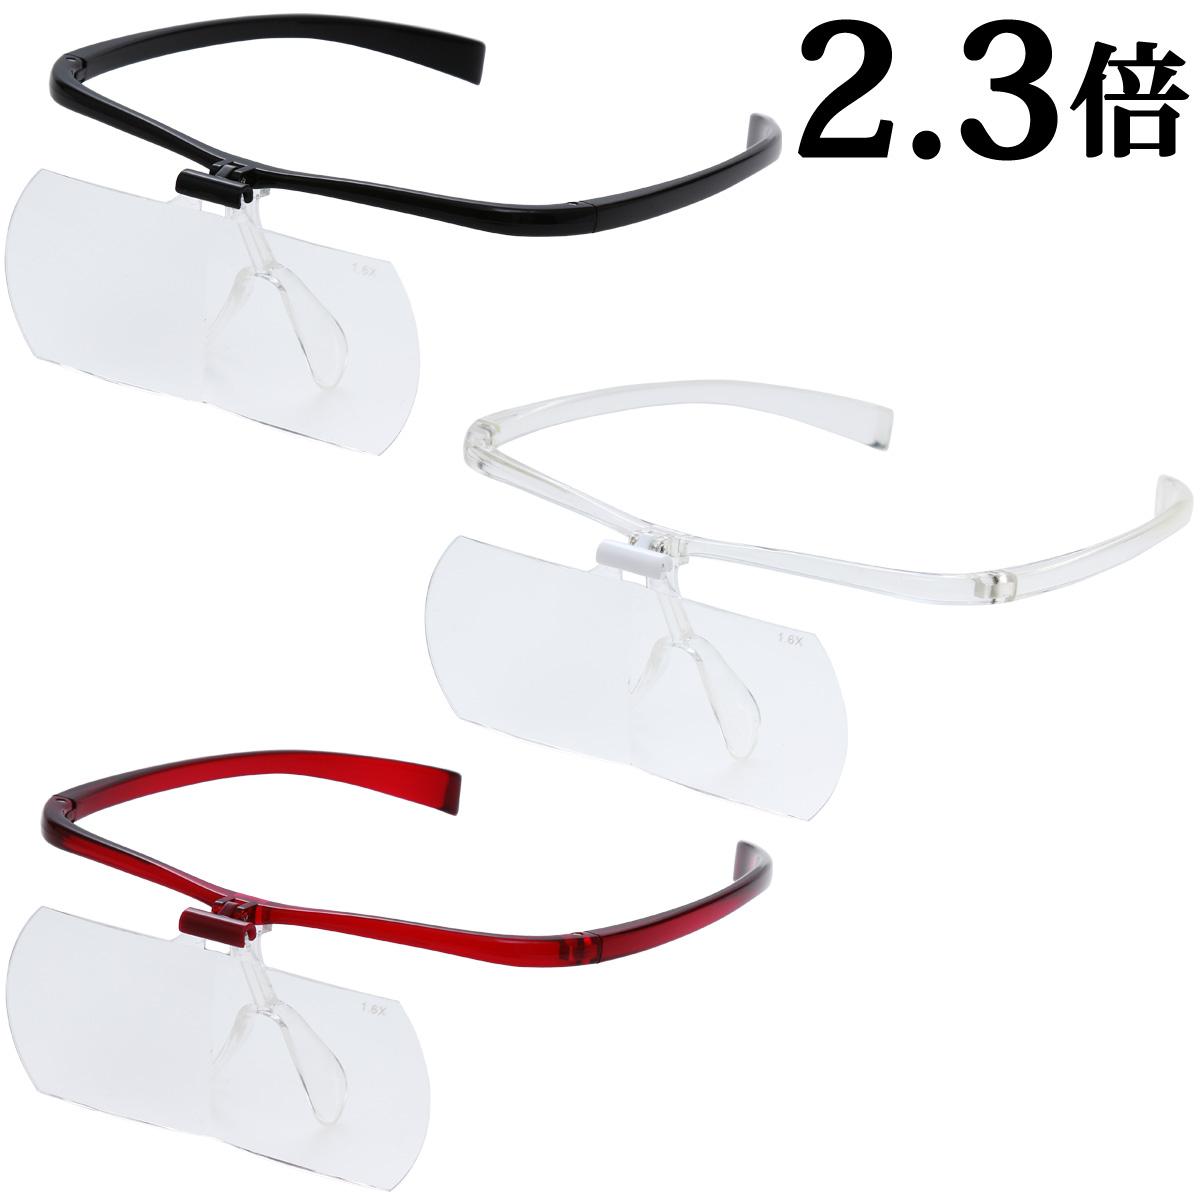 双眼メガネルーペ メガネタイプ 2.3倍 HF-60F メガネ型ルーペ